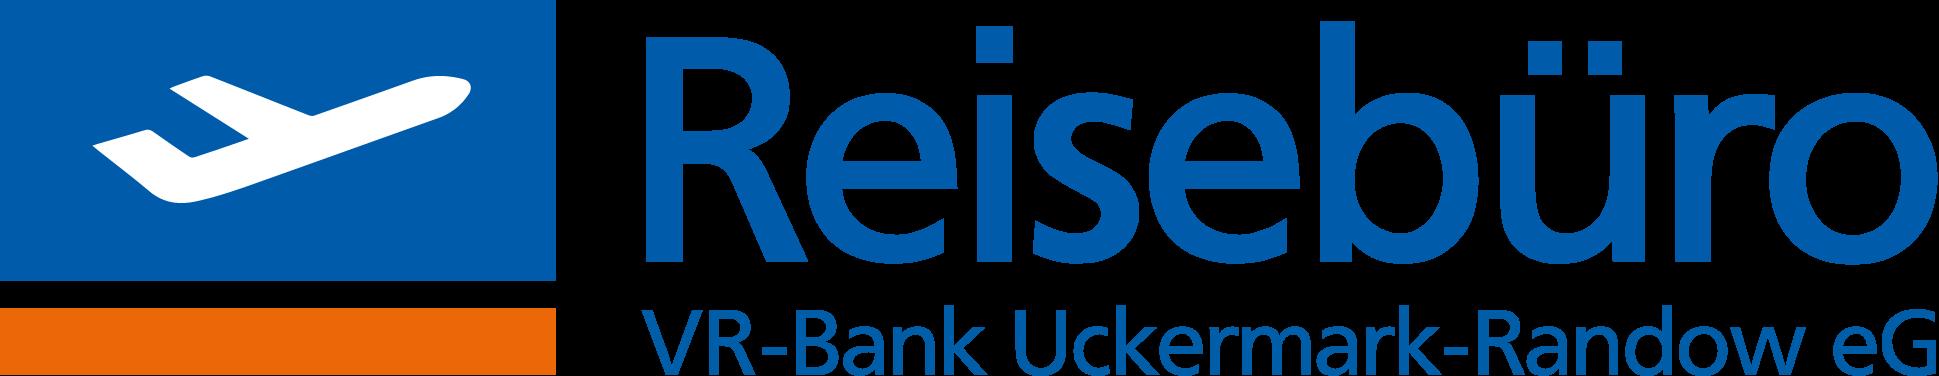 Logo des Reisebüros der VR-Bank Uckermark-Randow eG in Templin und Prenzlau